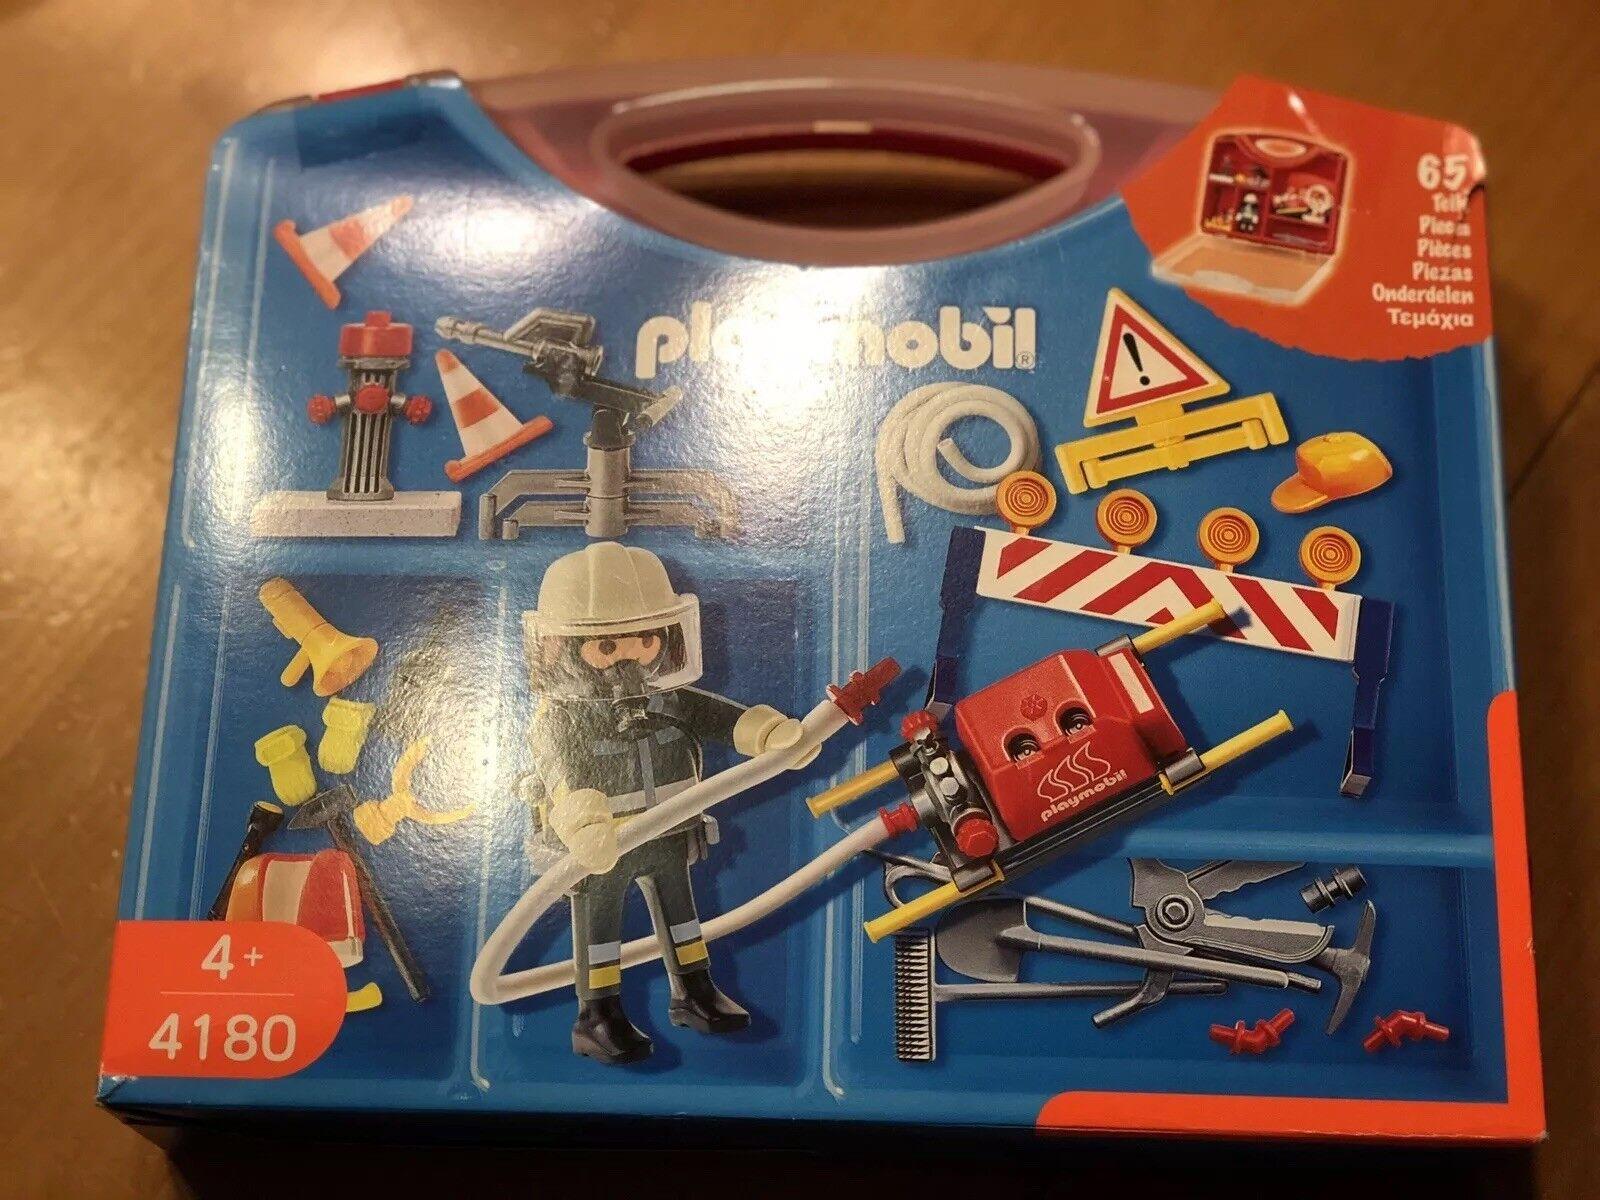 Playmobil 4180 4096 Playmobil Feuerwehr Sortierbox Wagen Hubschrauber Anhänger